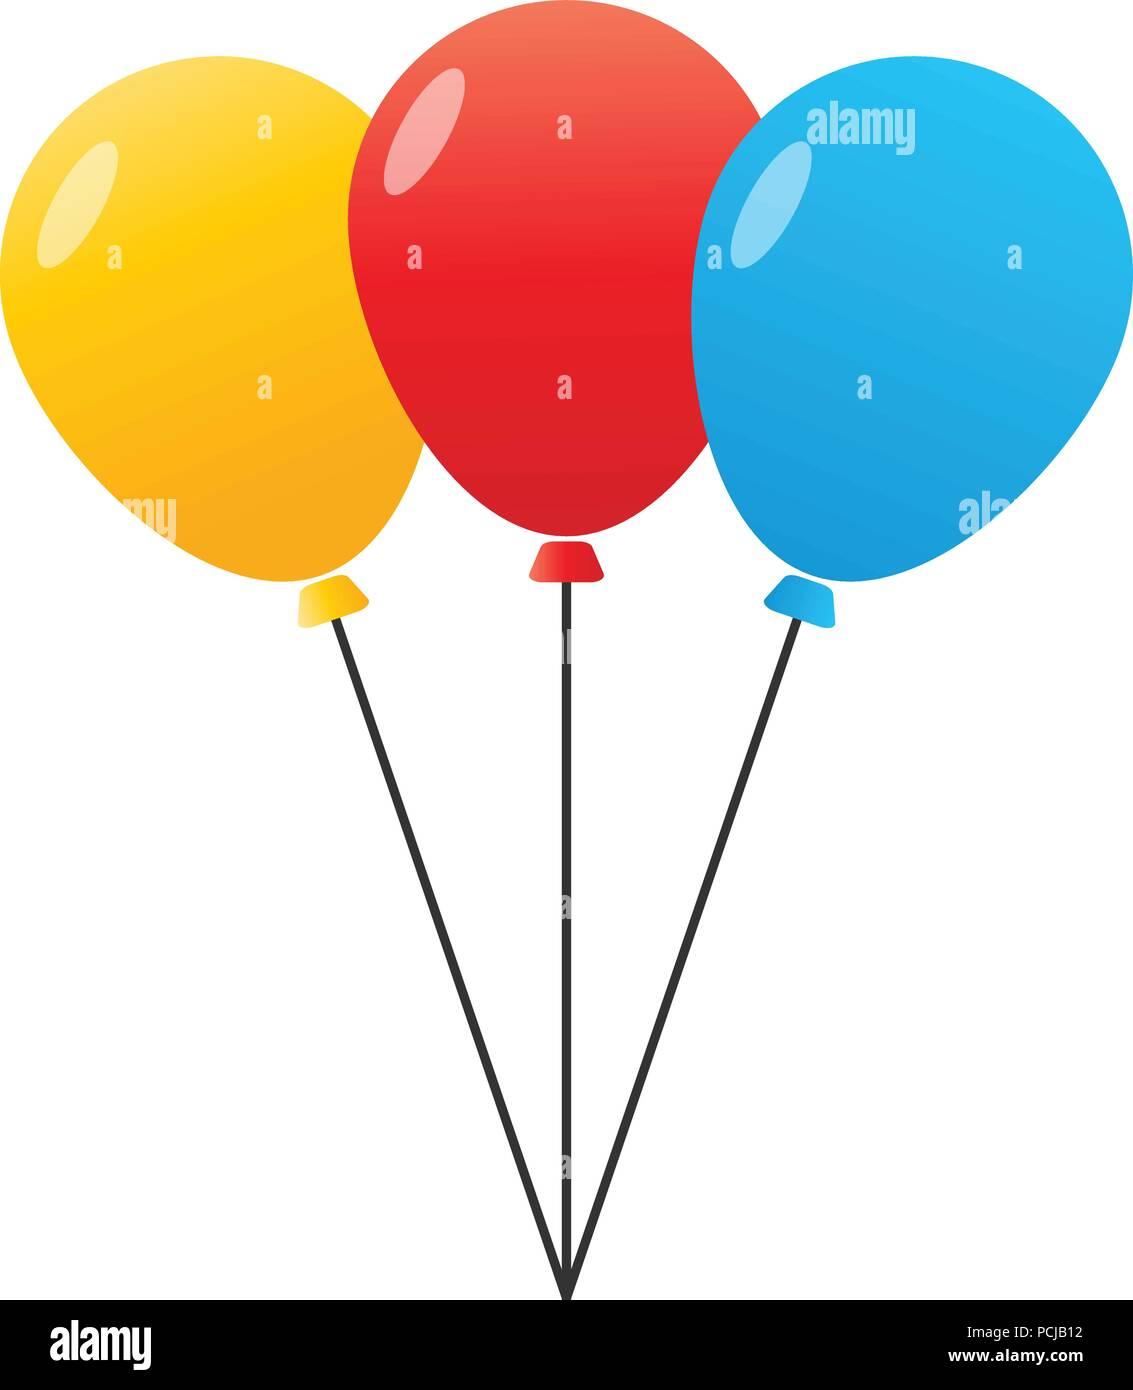 3 Ballon Mit Farbe Von Gelb, Rot Und Blau Sind Gebunden